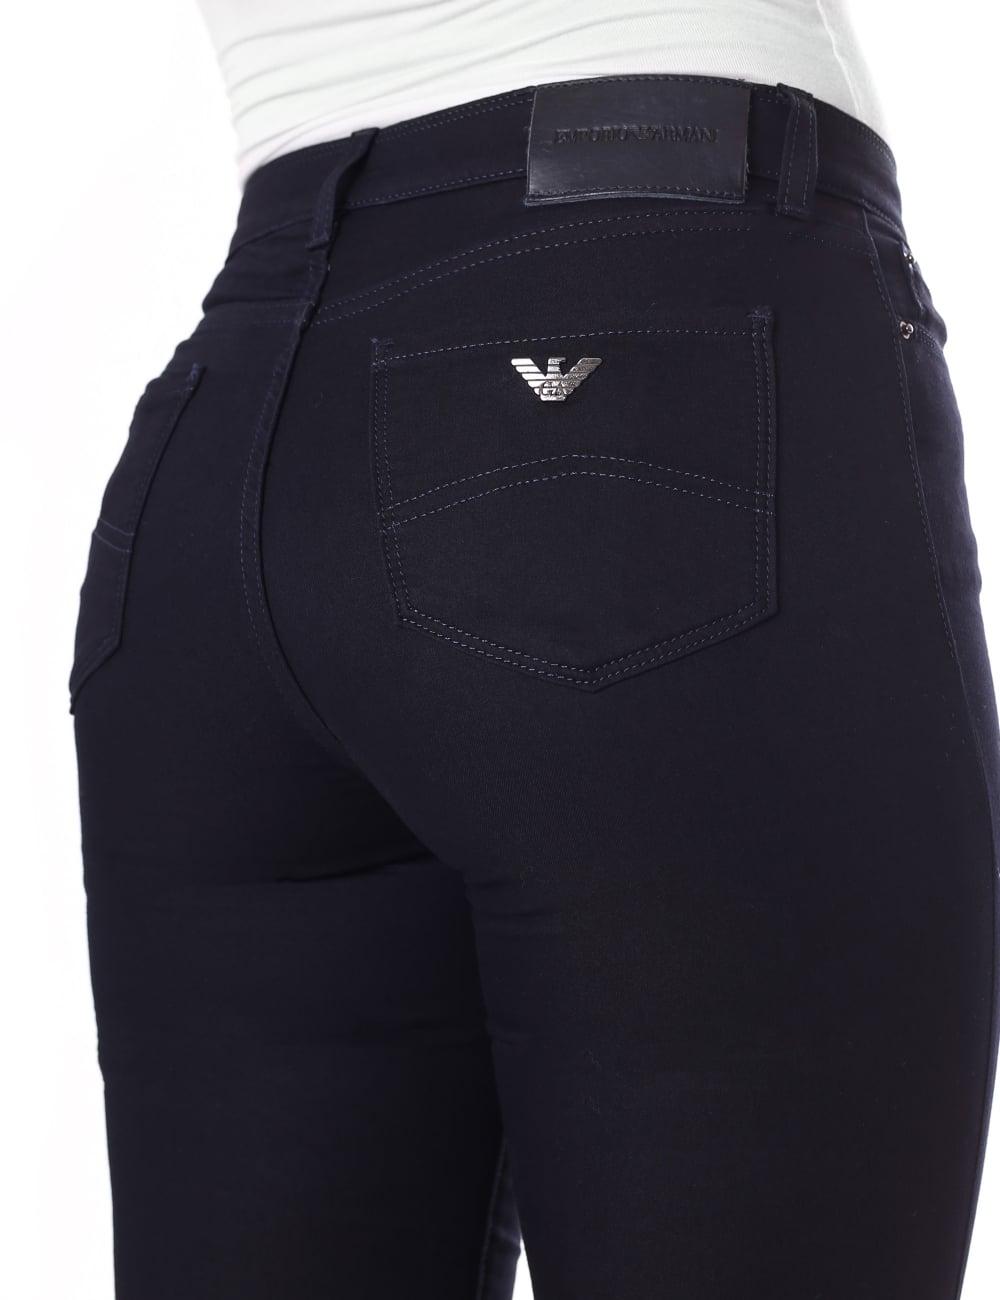 1efa3e9d1f Emporio Armani Women's High Rise Skinny Fit Jean